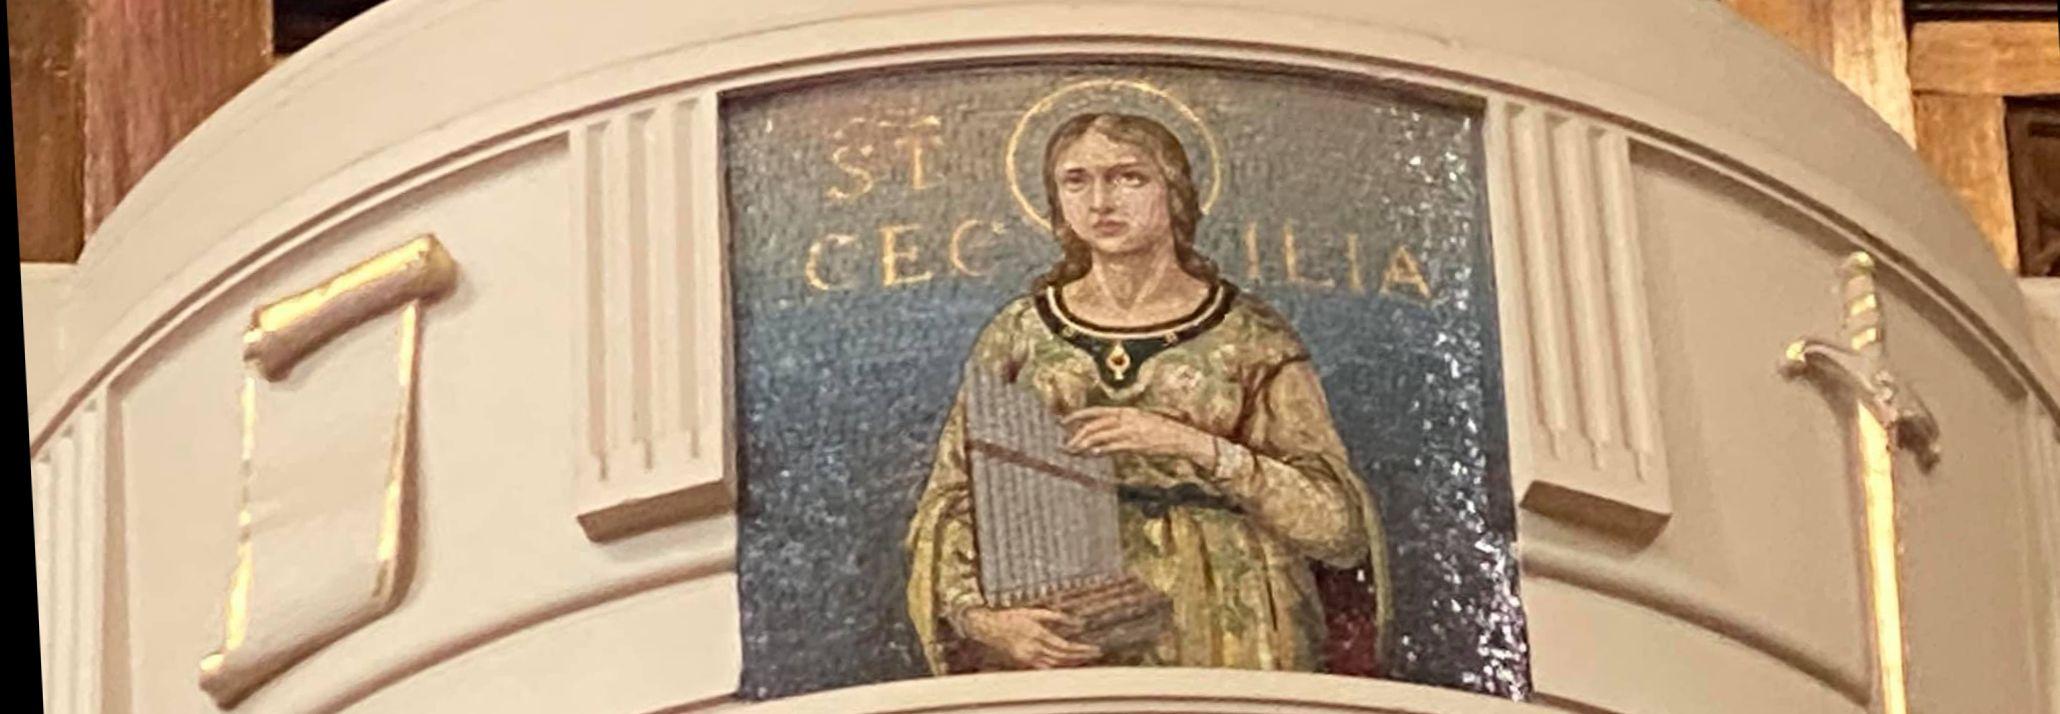 St Cecilia 2